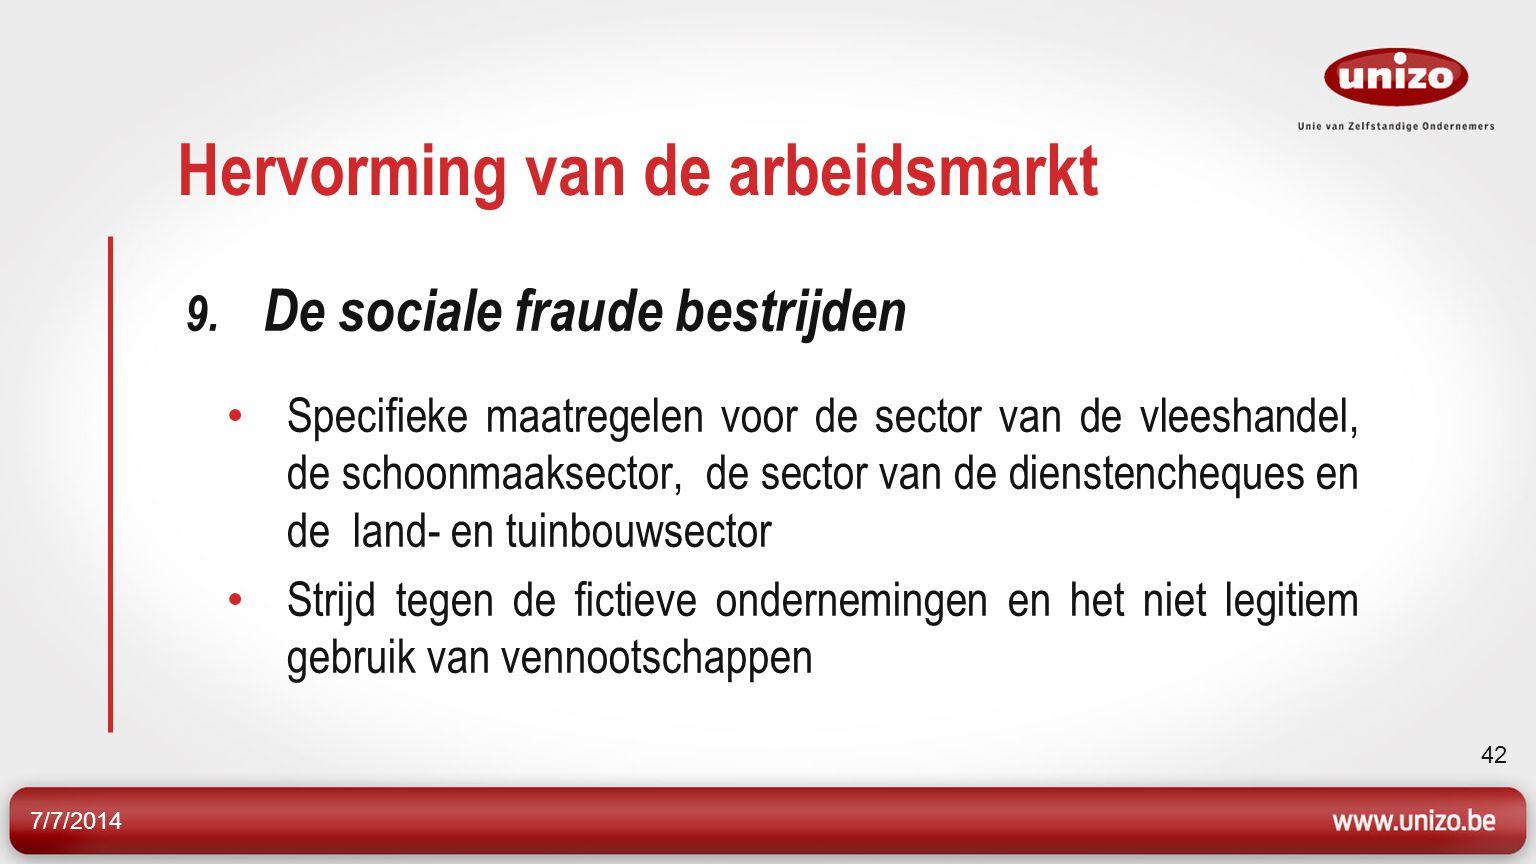 7/7/2014 43 Hervorming van de arbeidsmarkt 9.